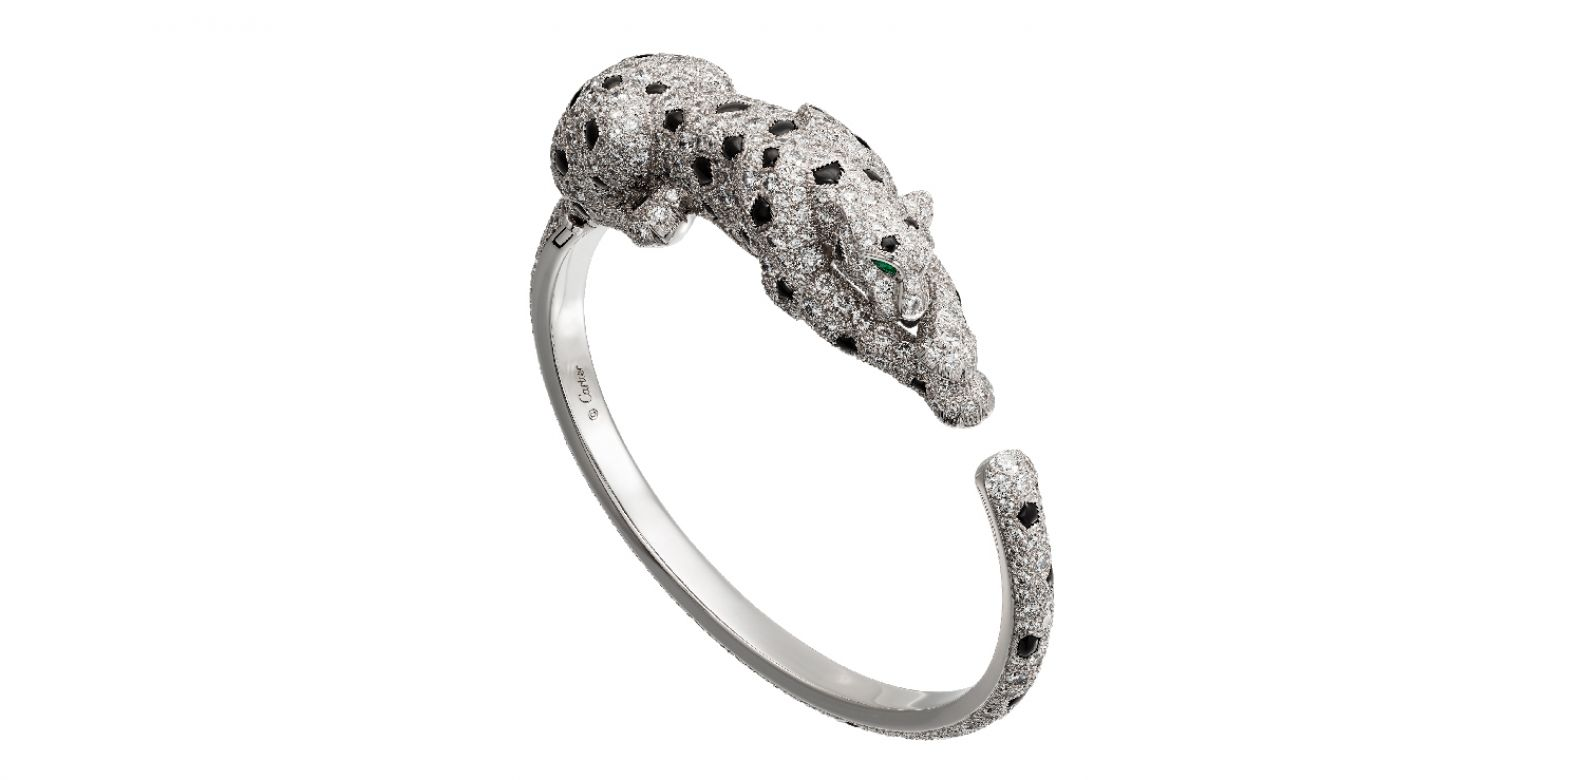 美洲豹 Panthère Lovée 手環。(圖片提供/Cartier)